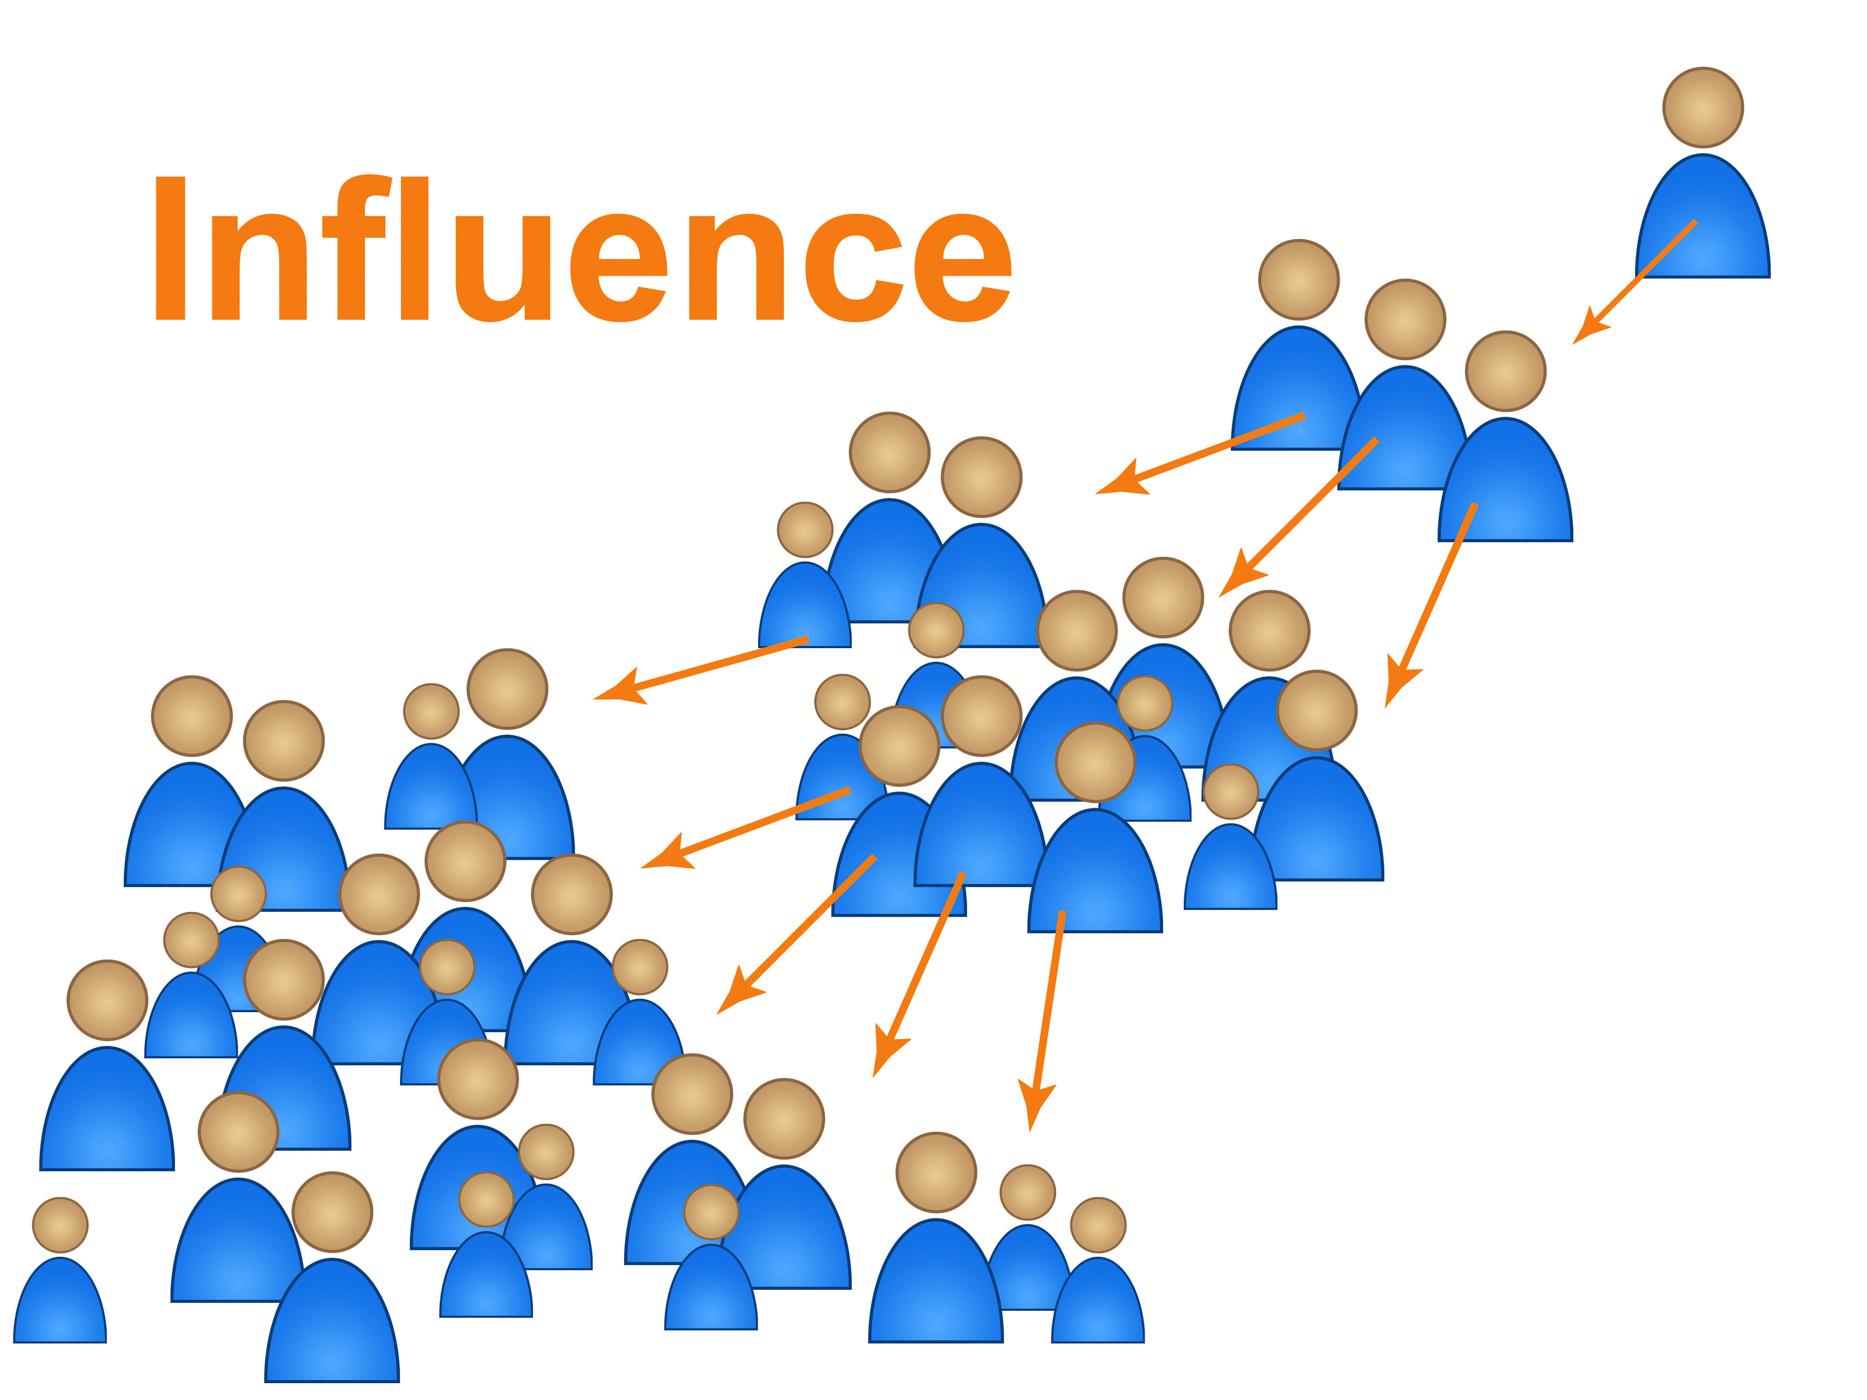 Influence propaganda represents pressure ascendancy and persuasion photo